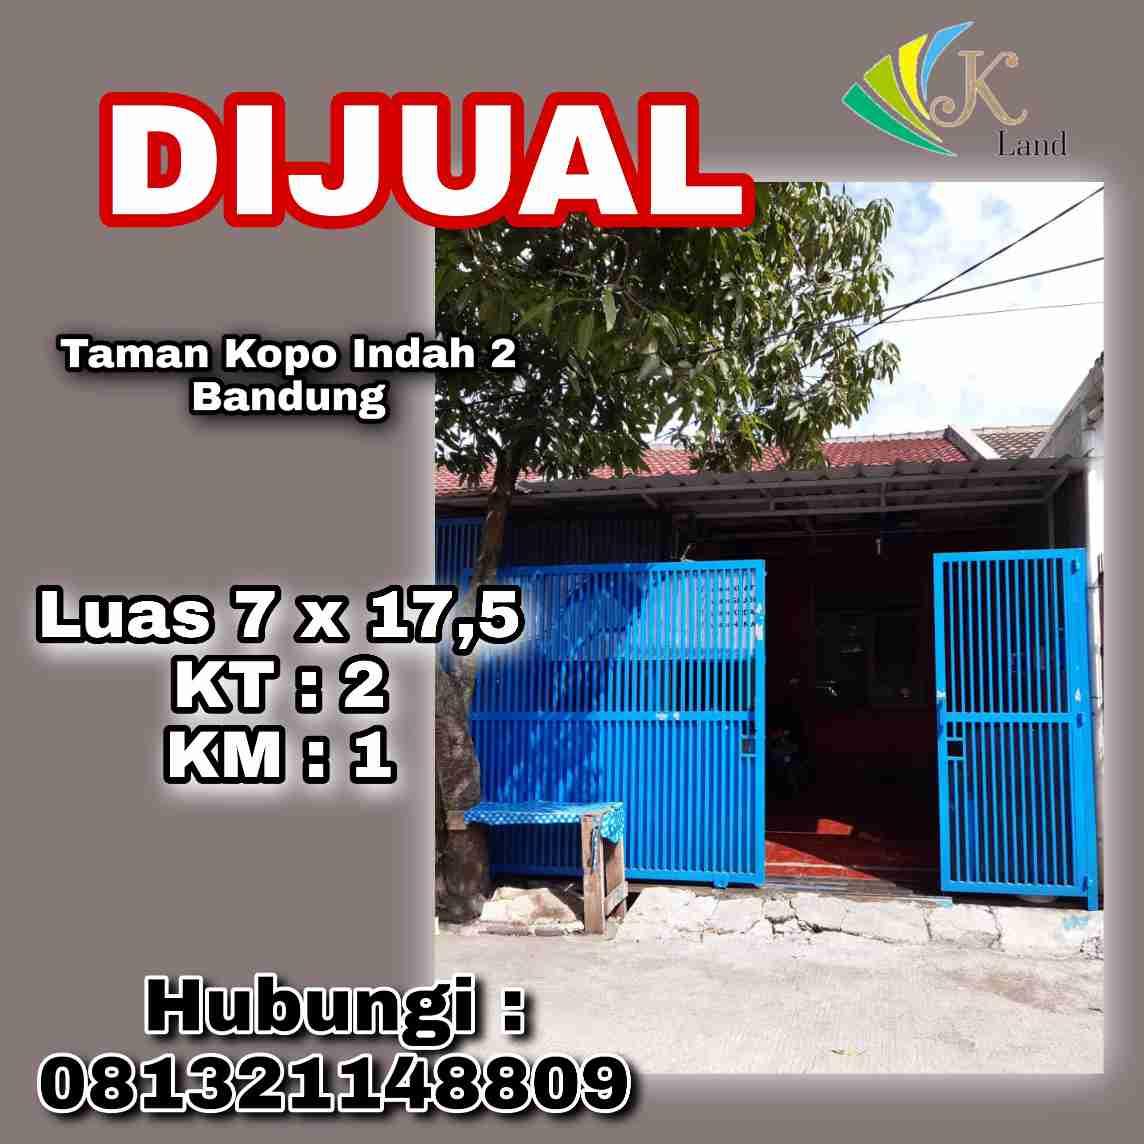 Dijual Rumah Di Taman Kopo Indah Bandung